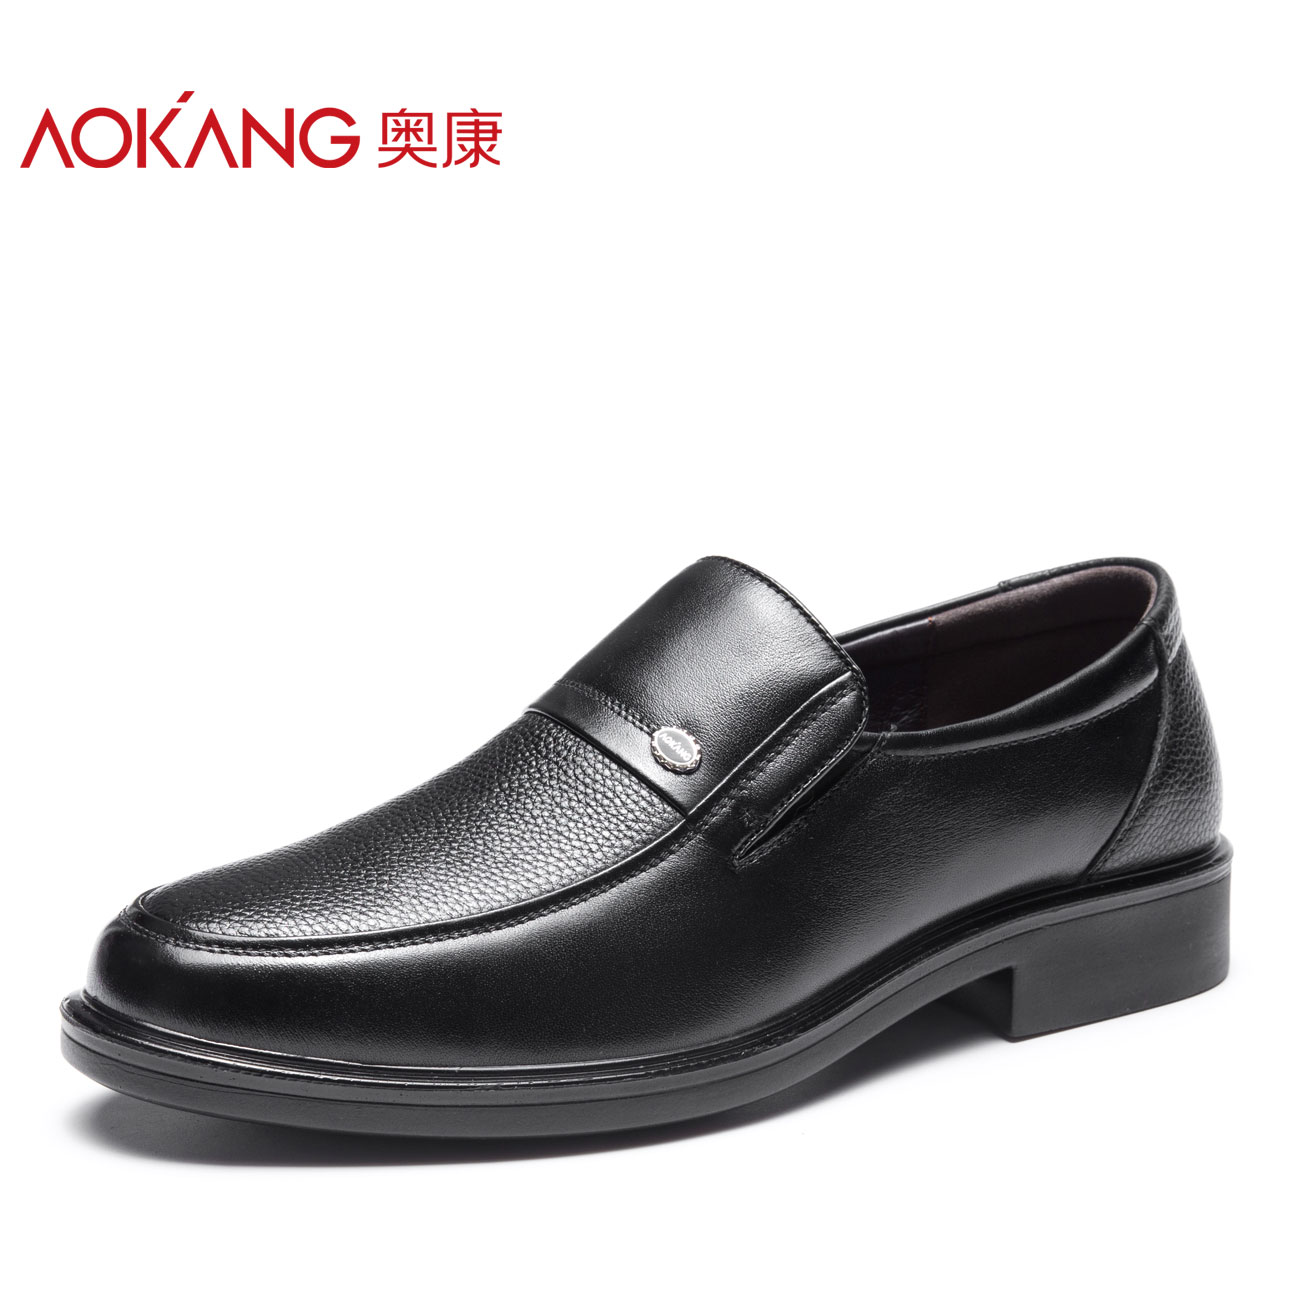 奥康旗舰店官方男鞋一脚蹬套脚皮鞋男士真皮商务休闲鞋舒适爸爸鞋